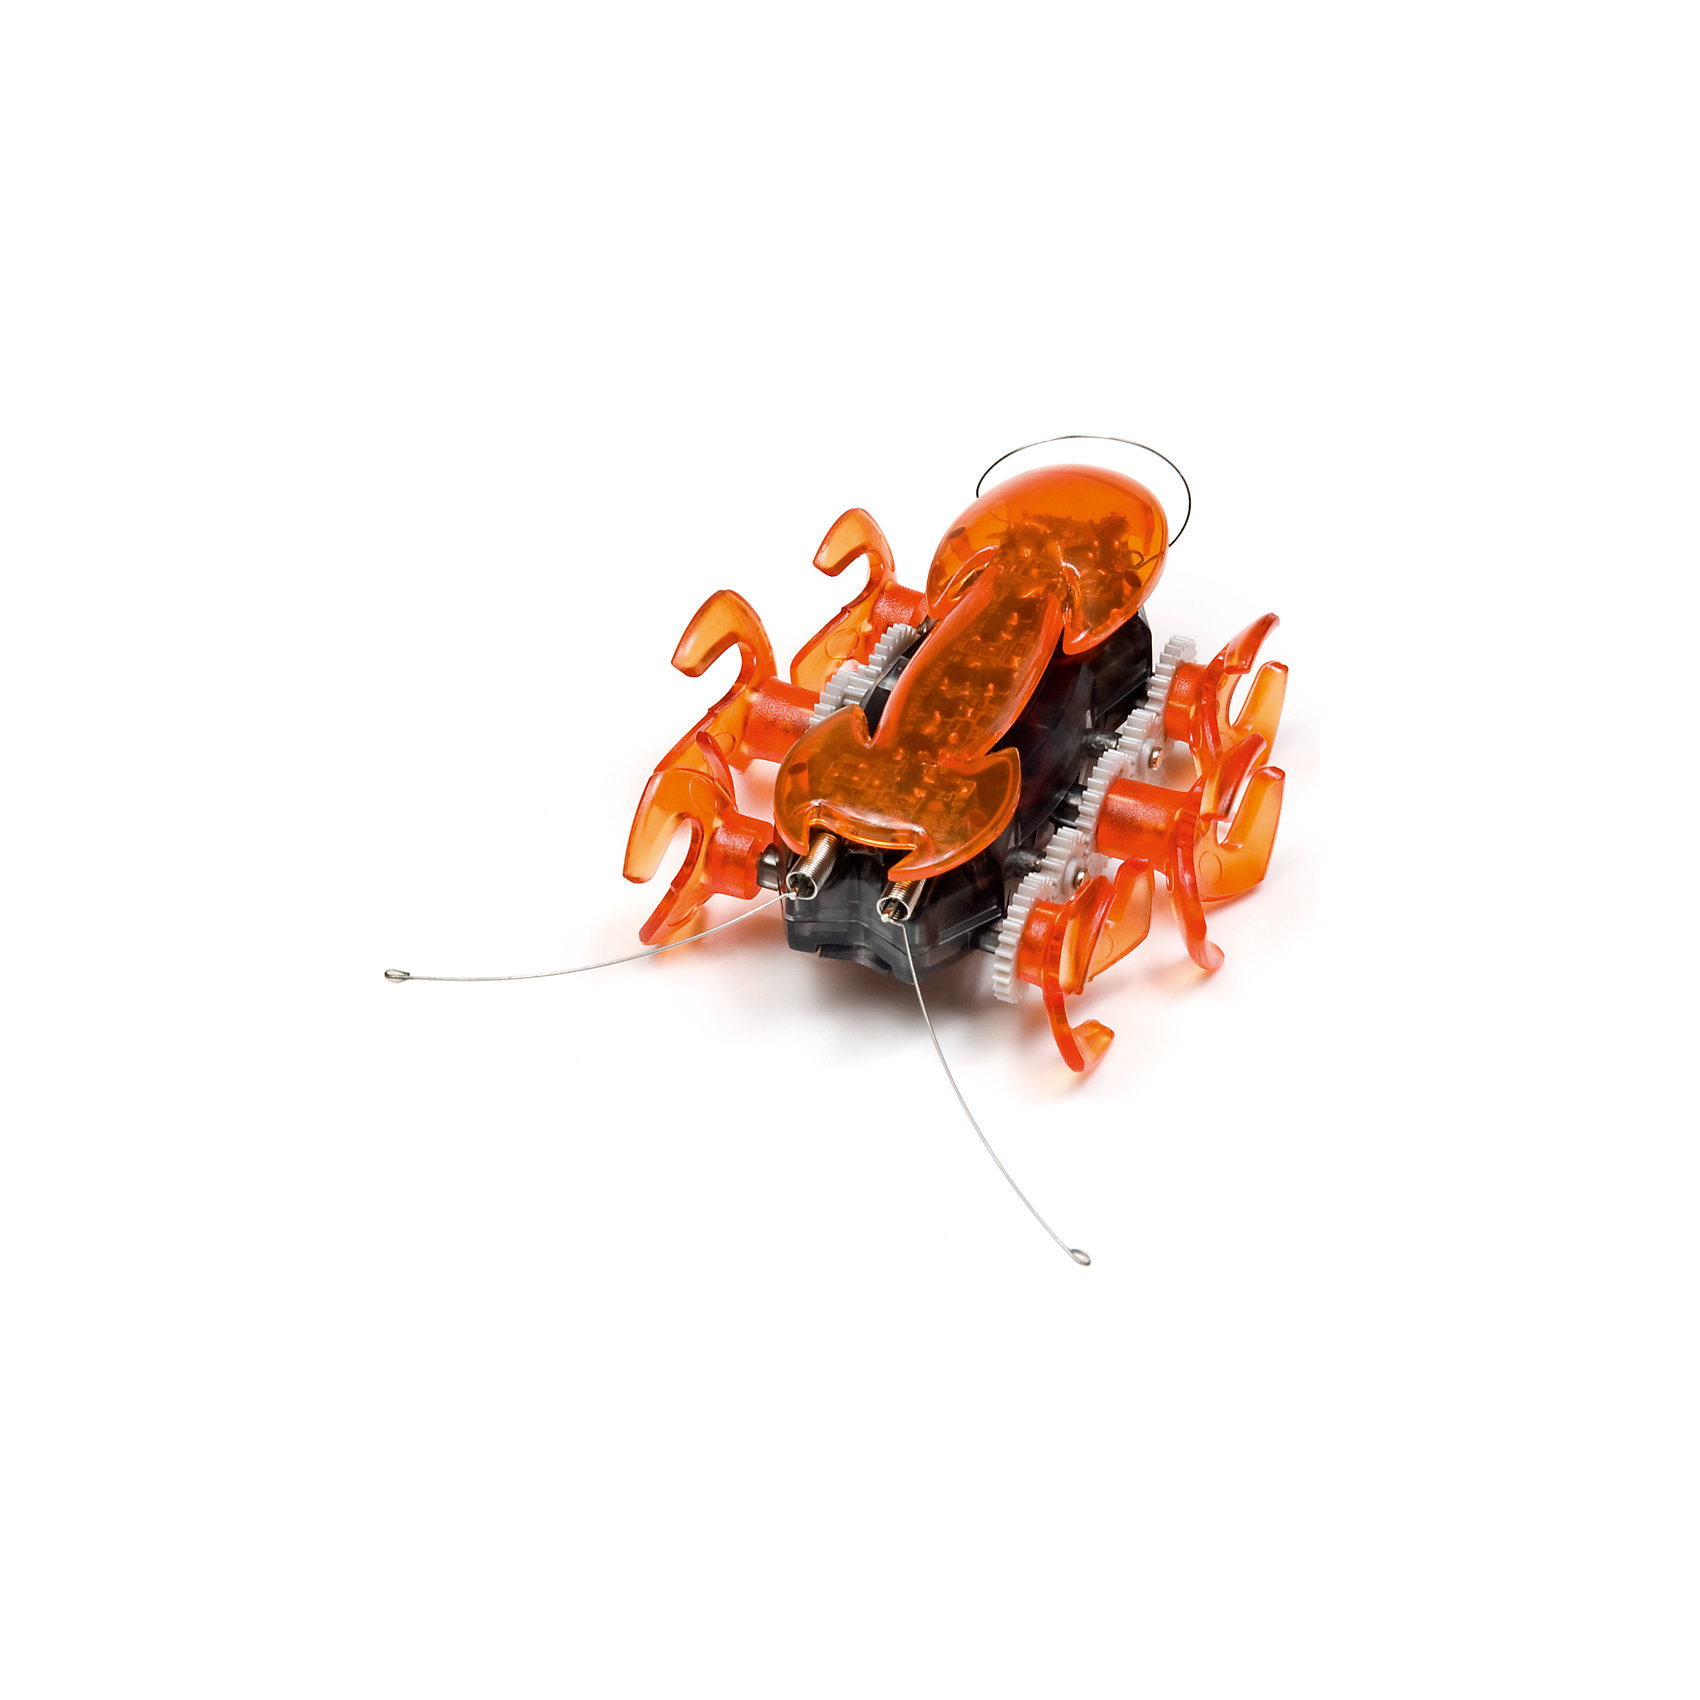 Микро-робот Муравей, оранжевый, HexbugХарактеристики электронной игрушки Hexbug:<br><br>• отличительная особенность: самое быстрое насекомое из серии Hexbug Nano;<br>• поведение наноробота: едет в одном направлении до преграды, затем едет в обратном направлении;<br>• командам муравей не подчиняется;<br>• наличие сенсорных датчиков;<br>• вместо лапок у наномуравья колесики;<br>• во время движения слышен механический звук;<br>• размер наноробота: 6х5х2,5 см;<br>• вес насекомого: 20 г;<br>• наноробот без труда путешествует по нанодромам из наборов Hexbug Nano;<br>• батарейки входят в комплект: 2 шт. типа AG13;<br>• материал: пластик. <br><br>Электронная игрушка Нано – это микро-робот Hexbug Ant, который очень быстро бегает по ровной поверхности. Наноробот на колесиках оснащен сенсорами, которые находятся спереди и сзади. С нанороботами можно устроить настоящие скоростные забеги. <br><br>Микро-робот Муравей, оранжевый, Hexbug можно купить в нашем интернет-магазине.<br><br>Ширина мм: 6<br>Глубина мм: 11<br>Высота мм: 9<br>Вес г: 36<br>Возраст от месяцев: 36<br>Возраст до месяцев: 2147483647<br>Пол: Унисекс<br>Возраст: Детский<br>SKU: 5007069